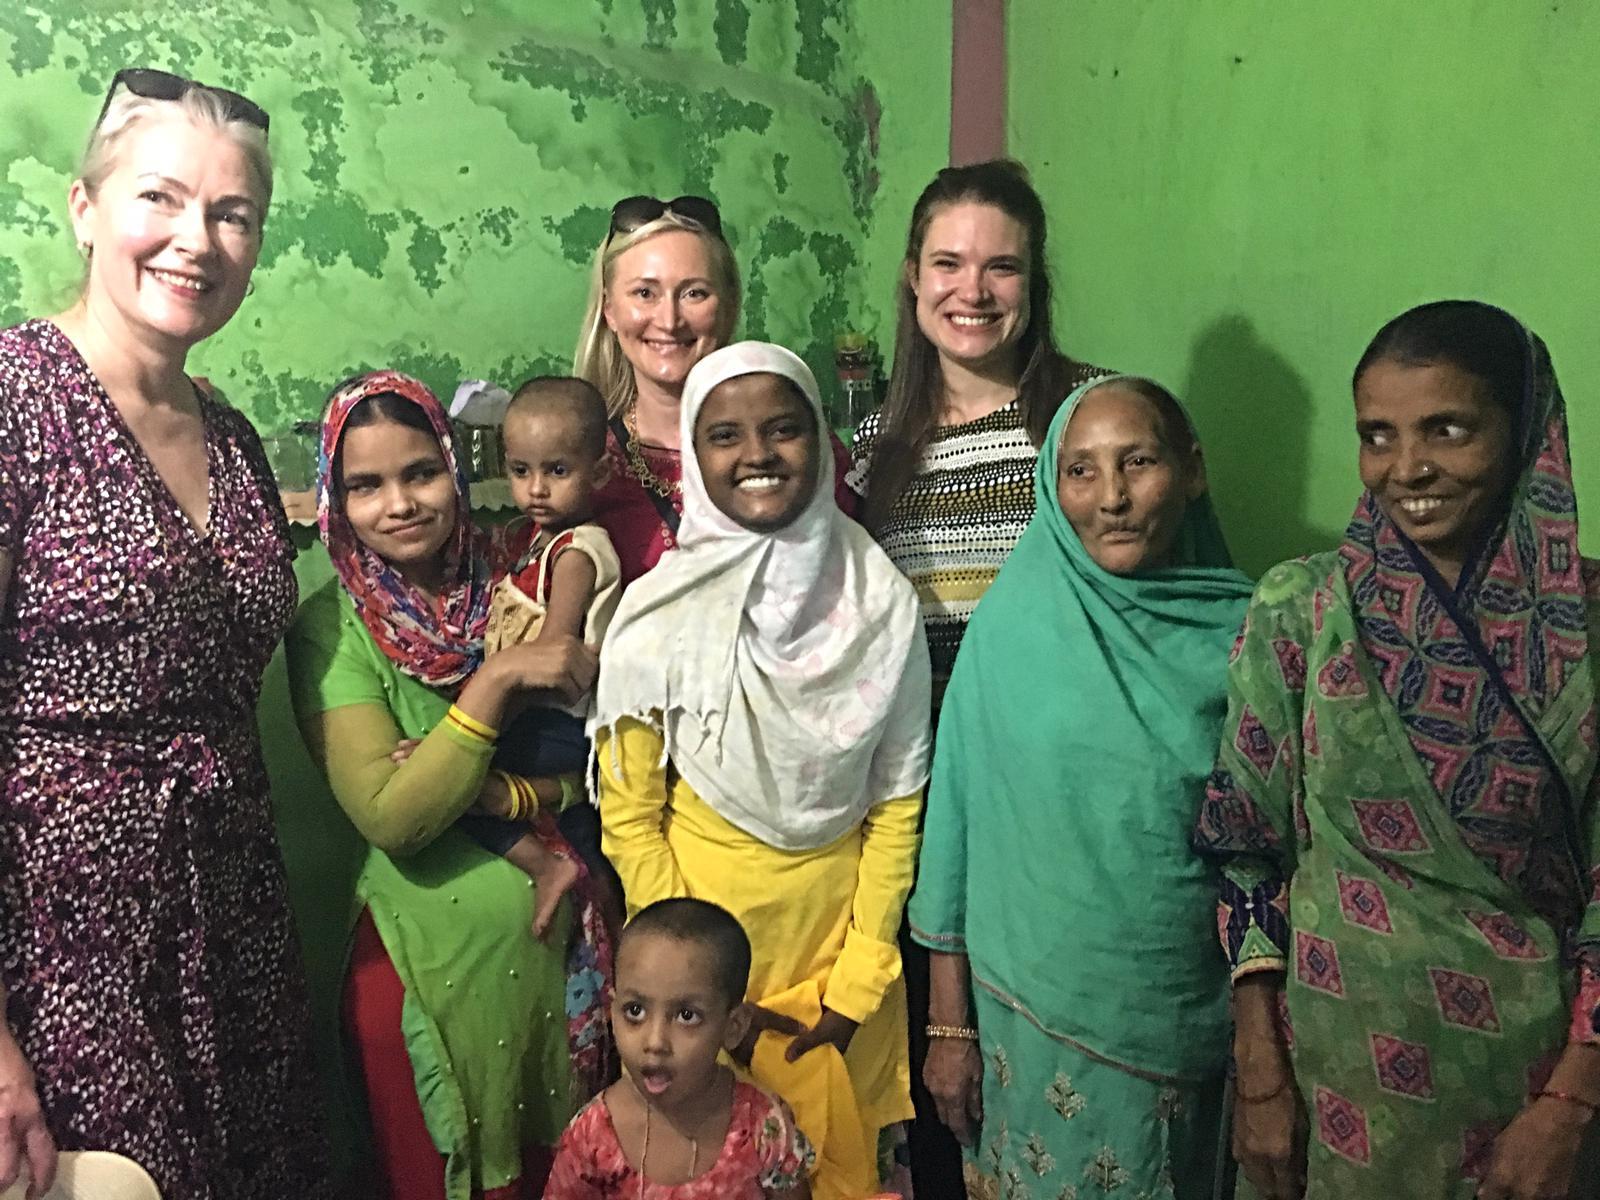 Vierailemassa Intian Indoressa paikallisessa kodissa